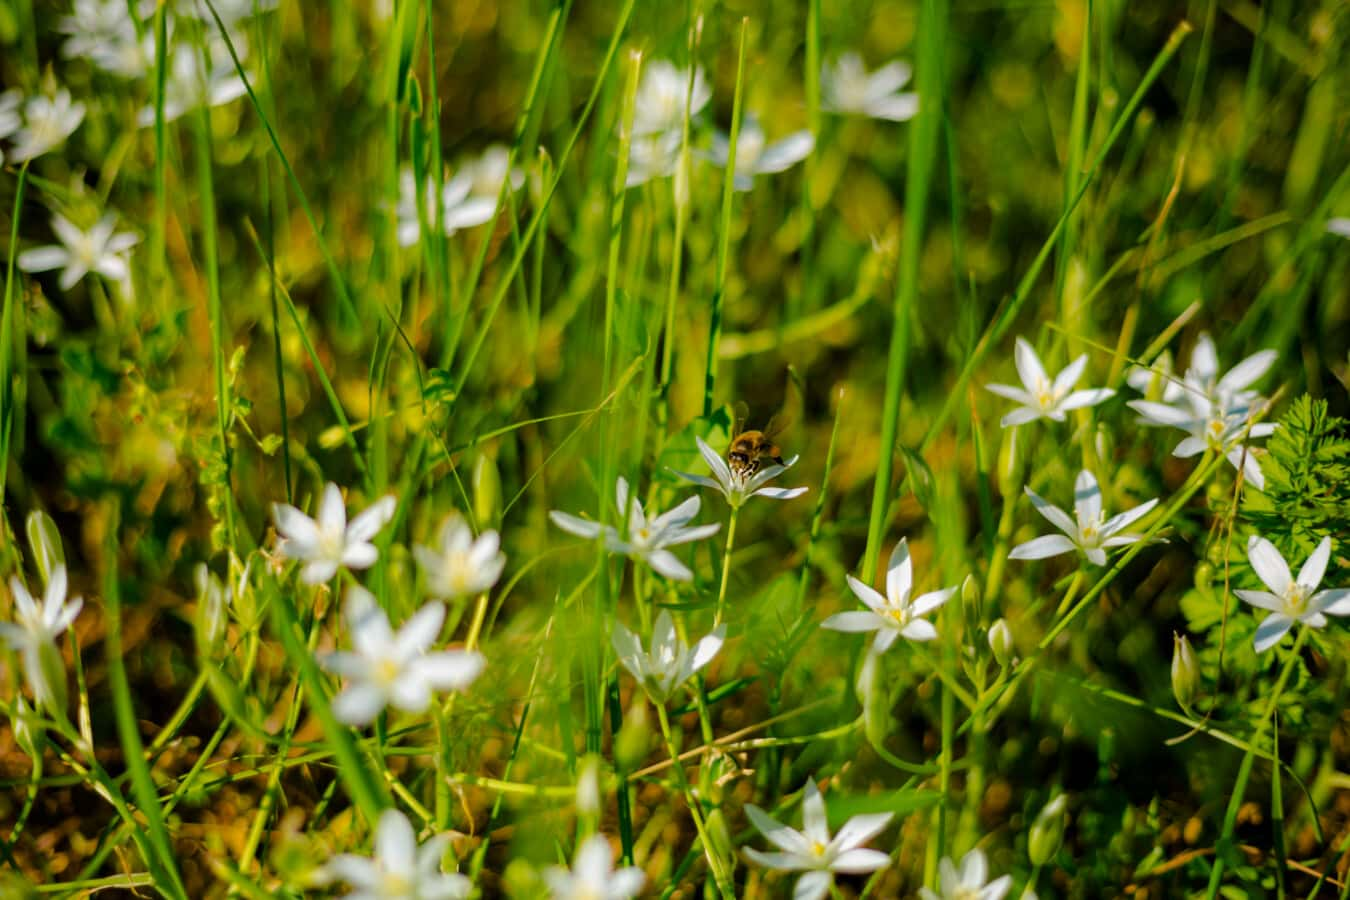 Honigbiene, Biene, Bestäuber, Bestäubung, Insekt, grasbewachsenen, weiße Blume, Wildblumen, Blatt, Wiese